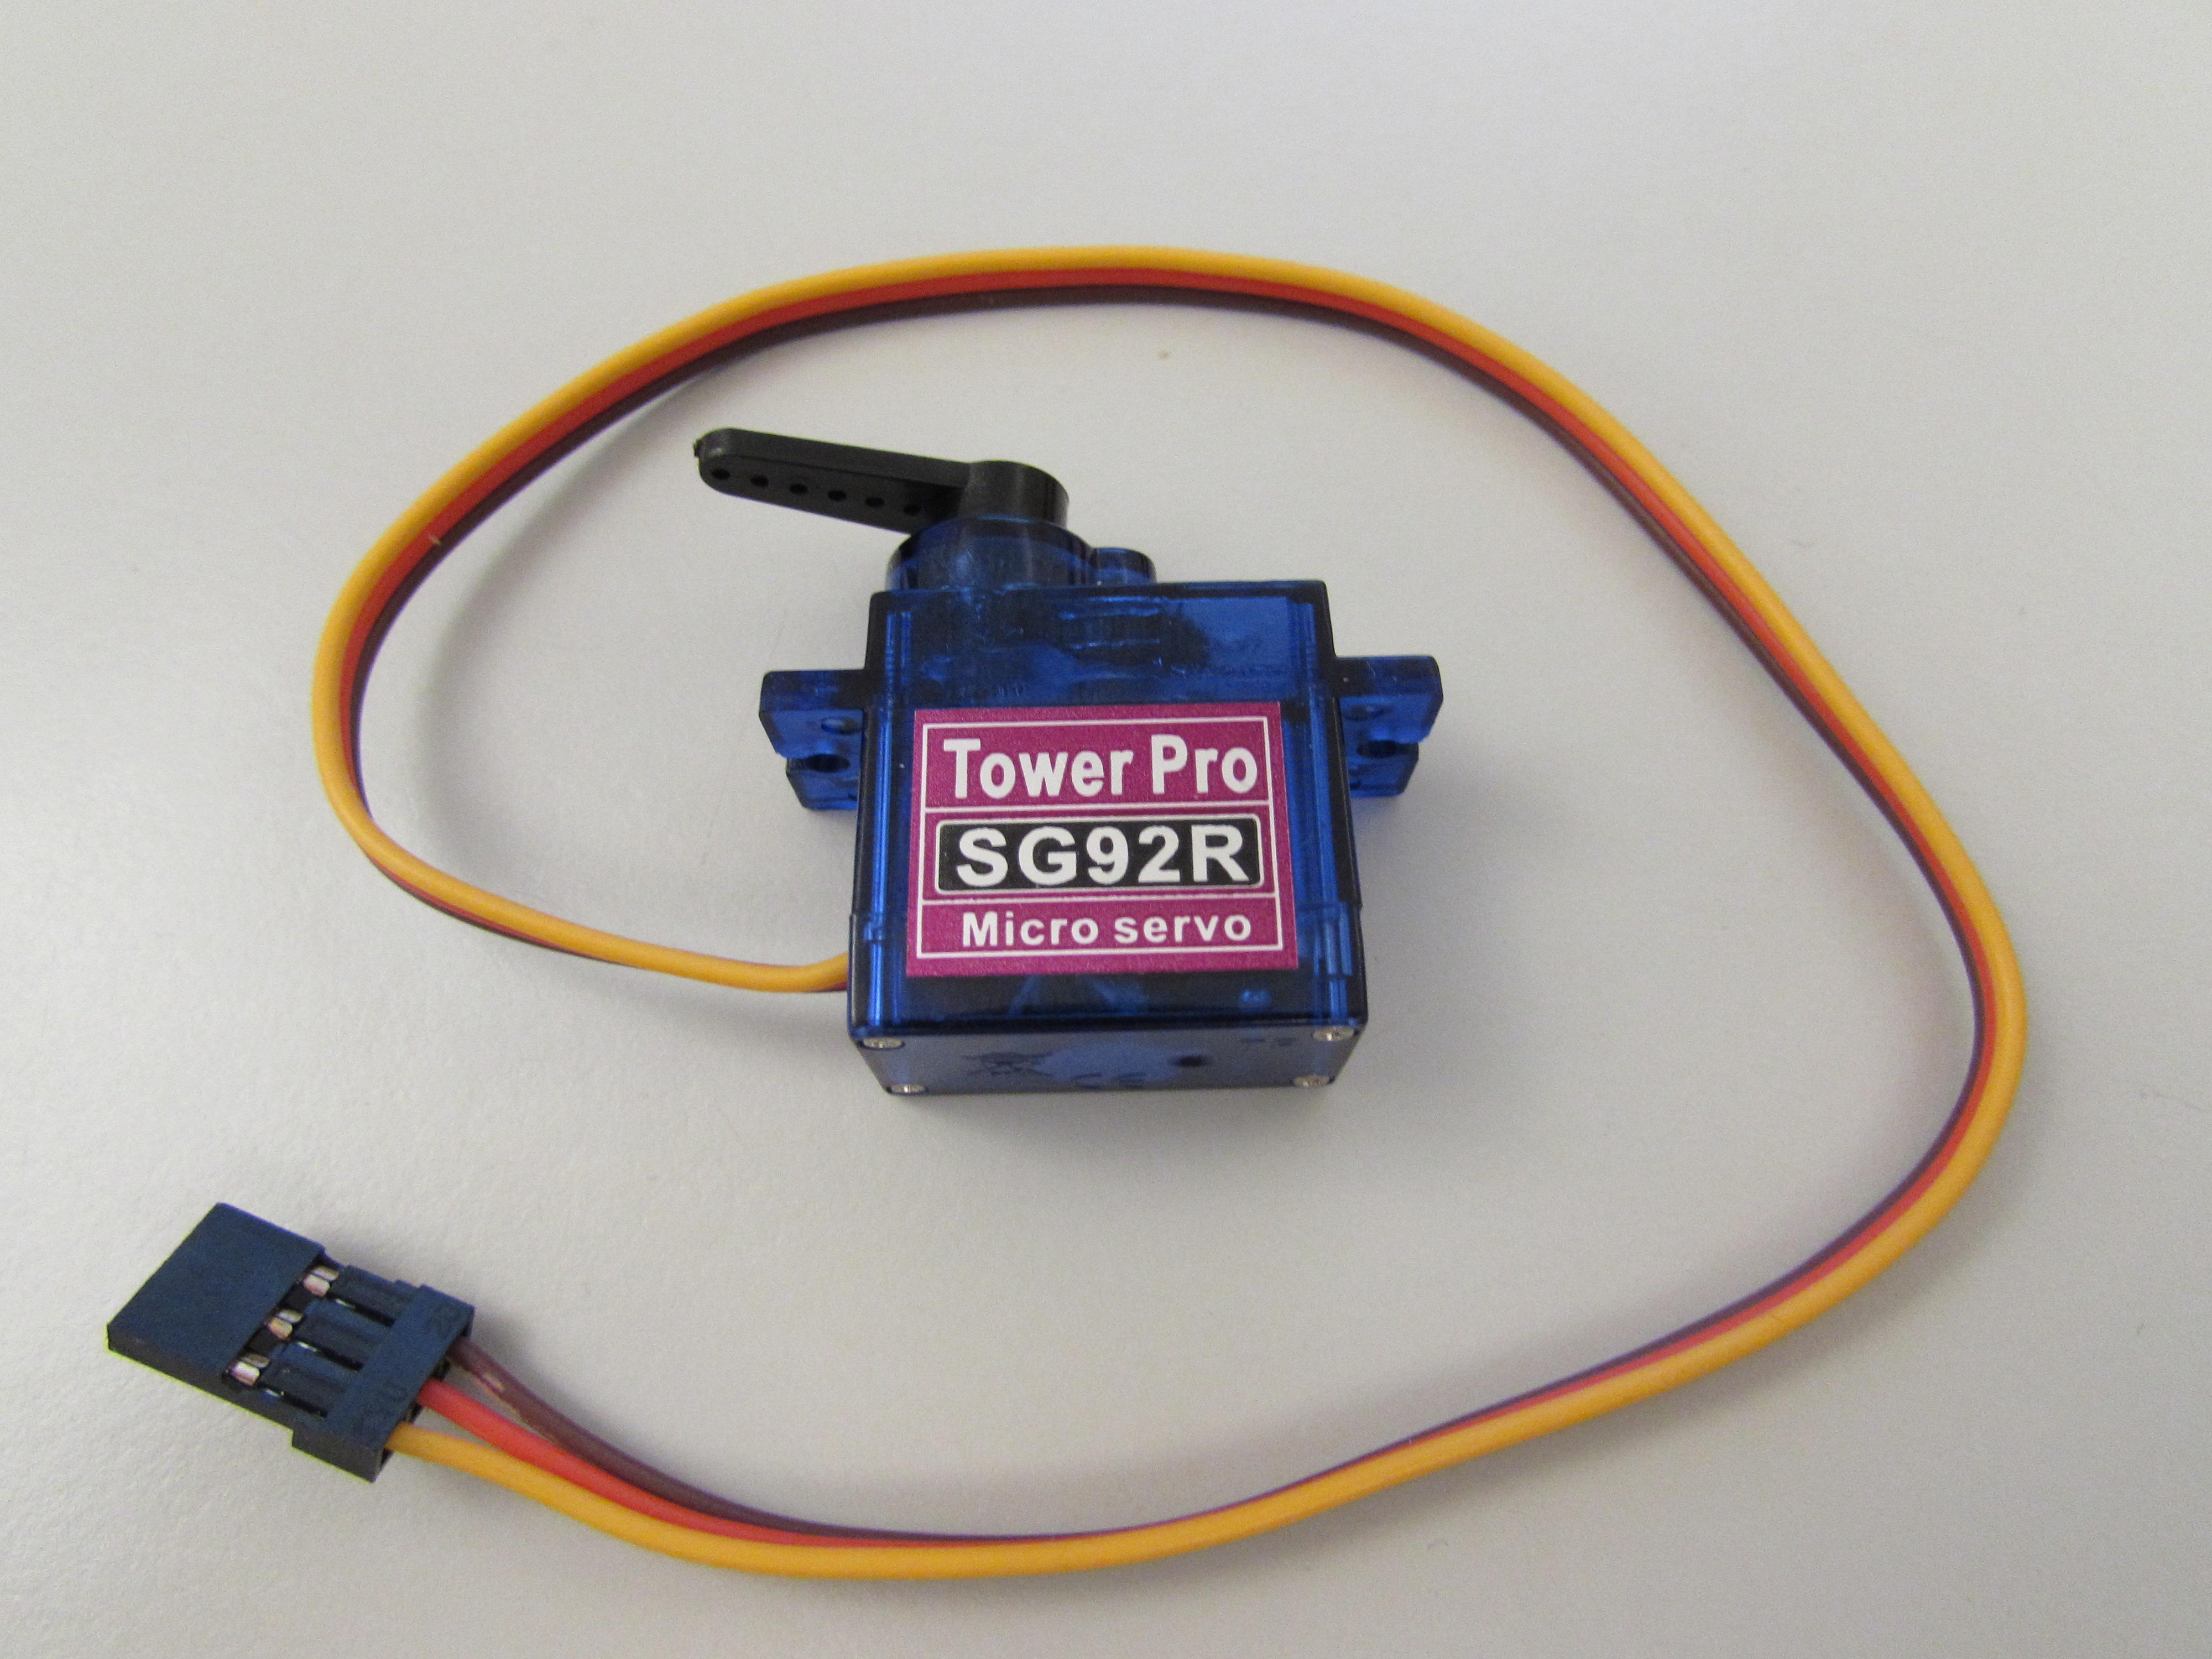 Tower Pro SG92R servo motor available in the chipKIT Starter Kit.